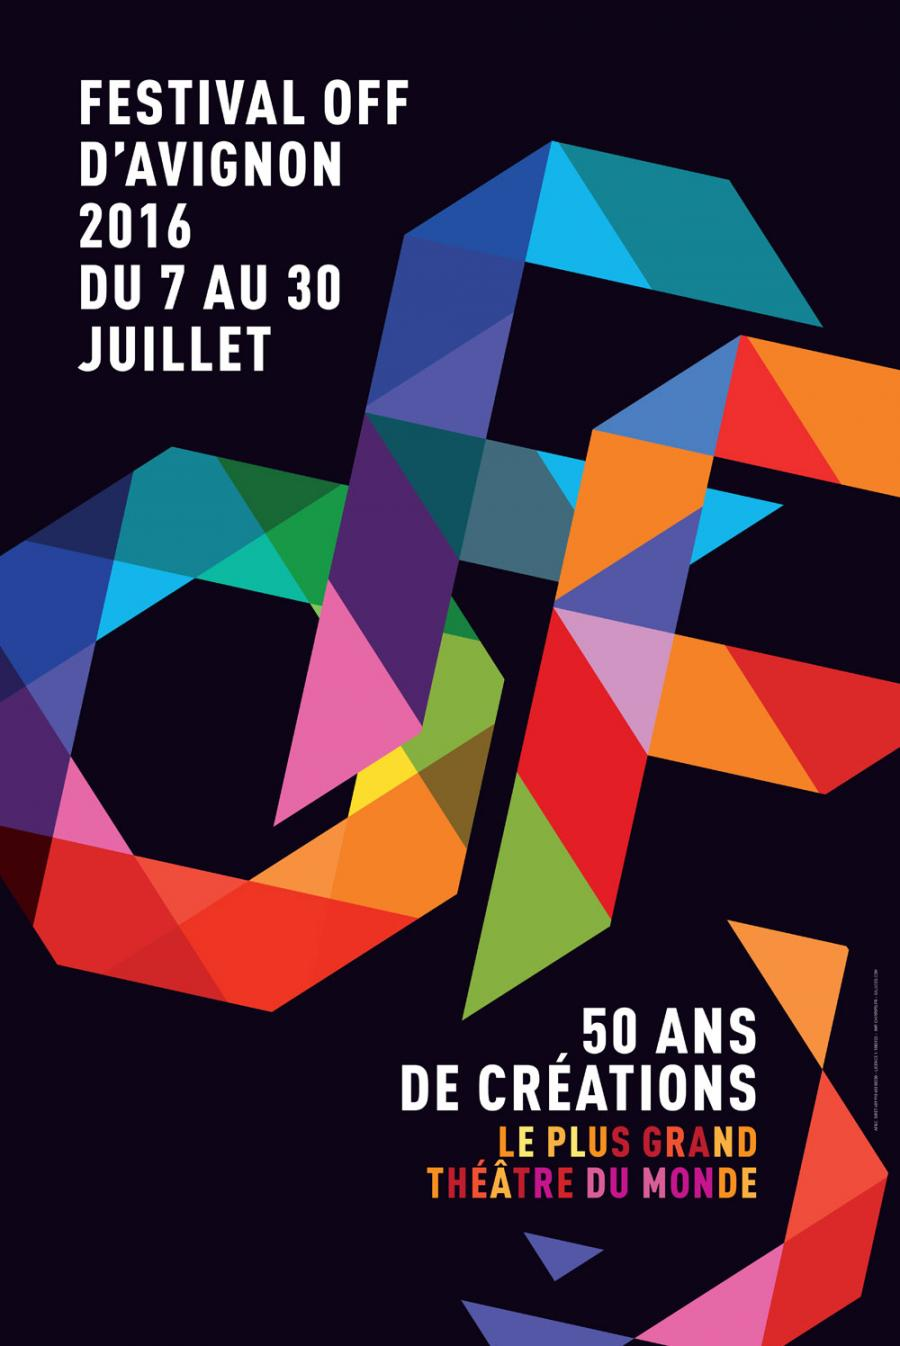 Spectacle festival off avignon 2016 du 7 au 30 juillet 2016 - Avignon off 2017 programme ...